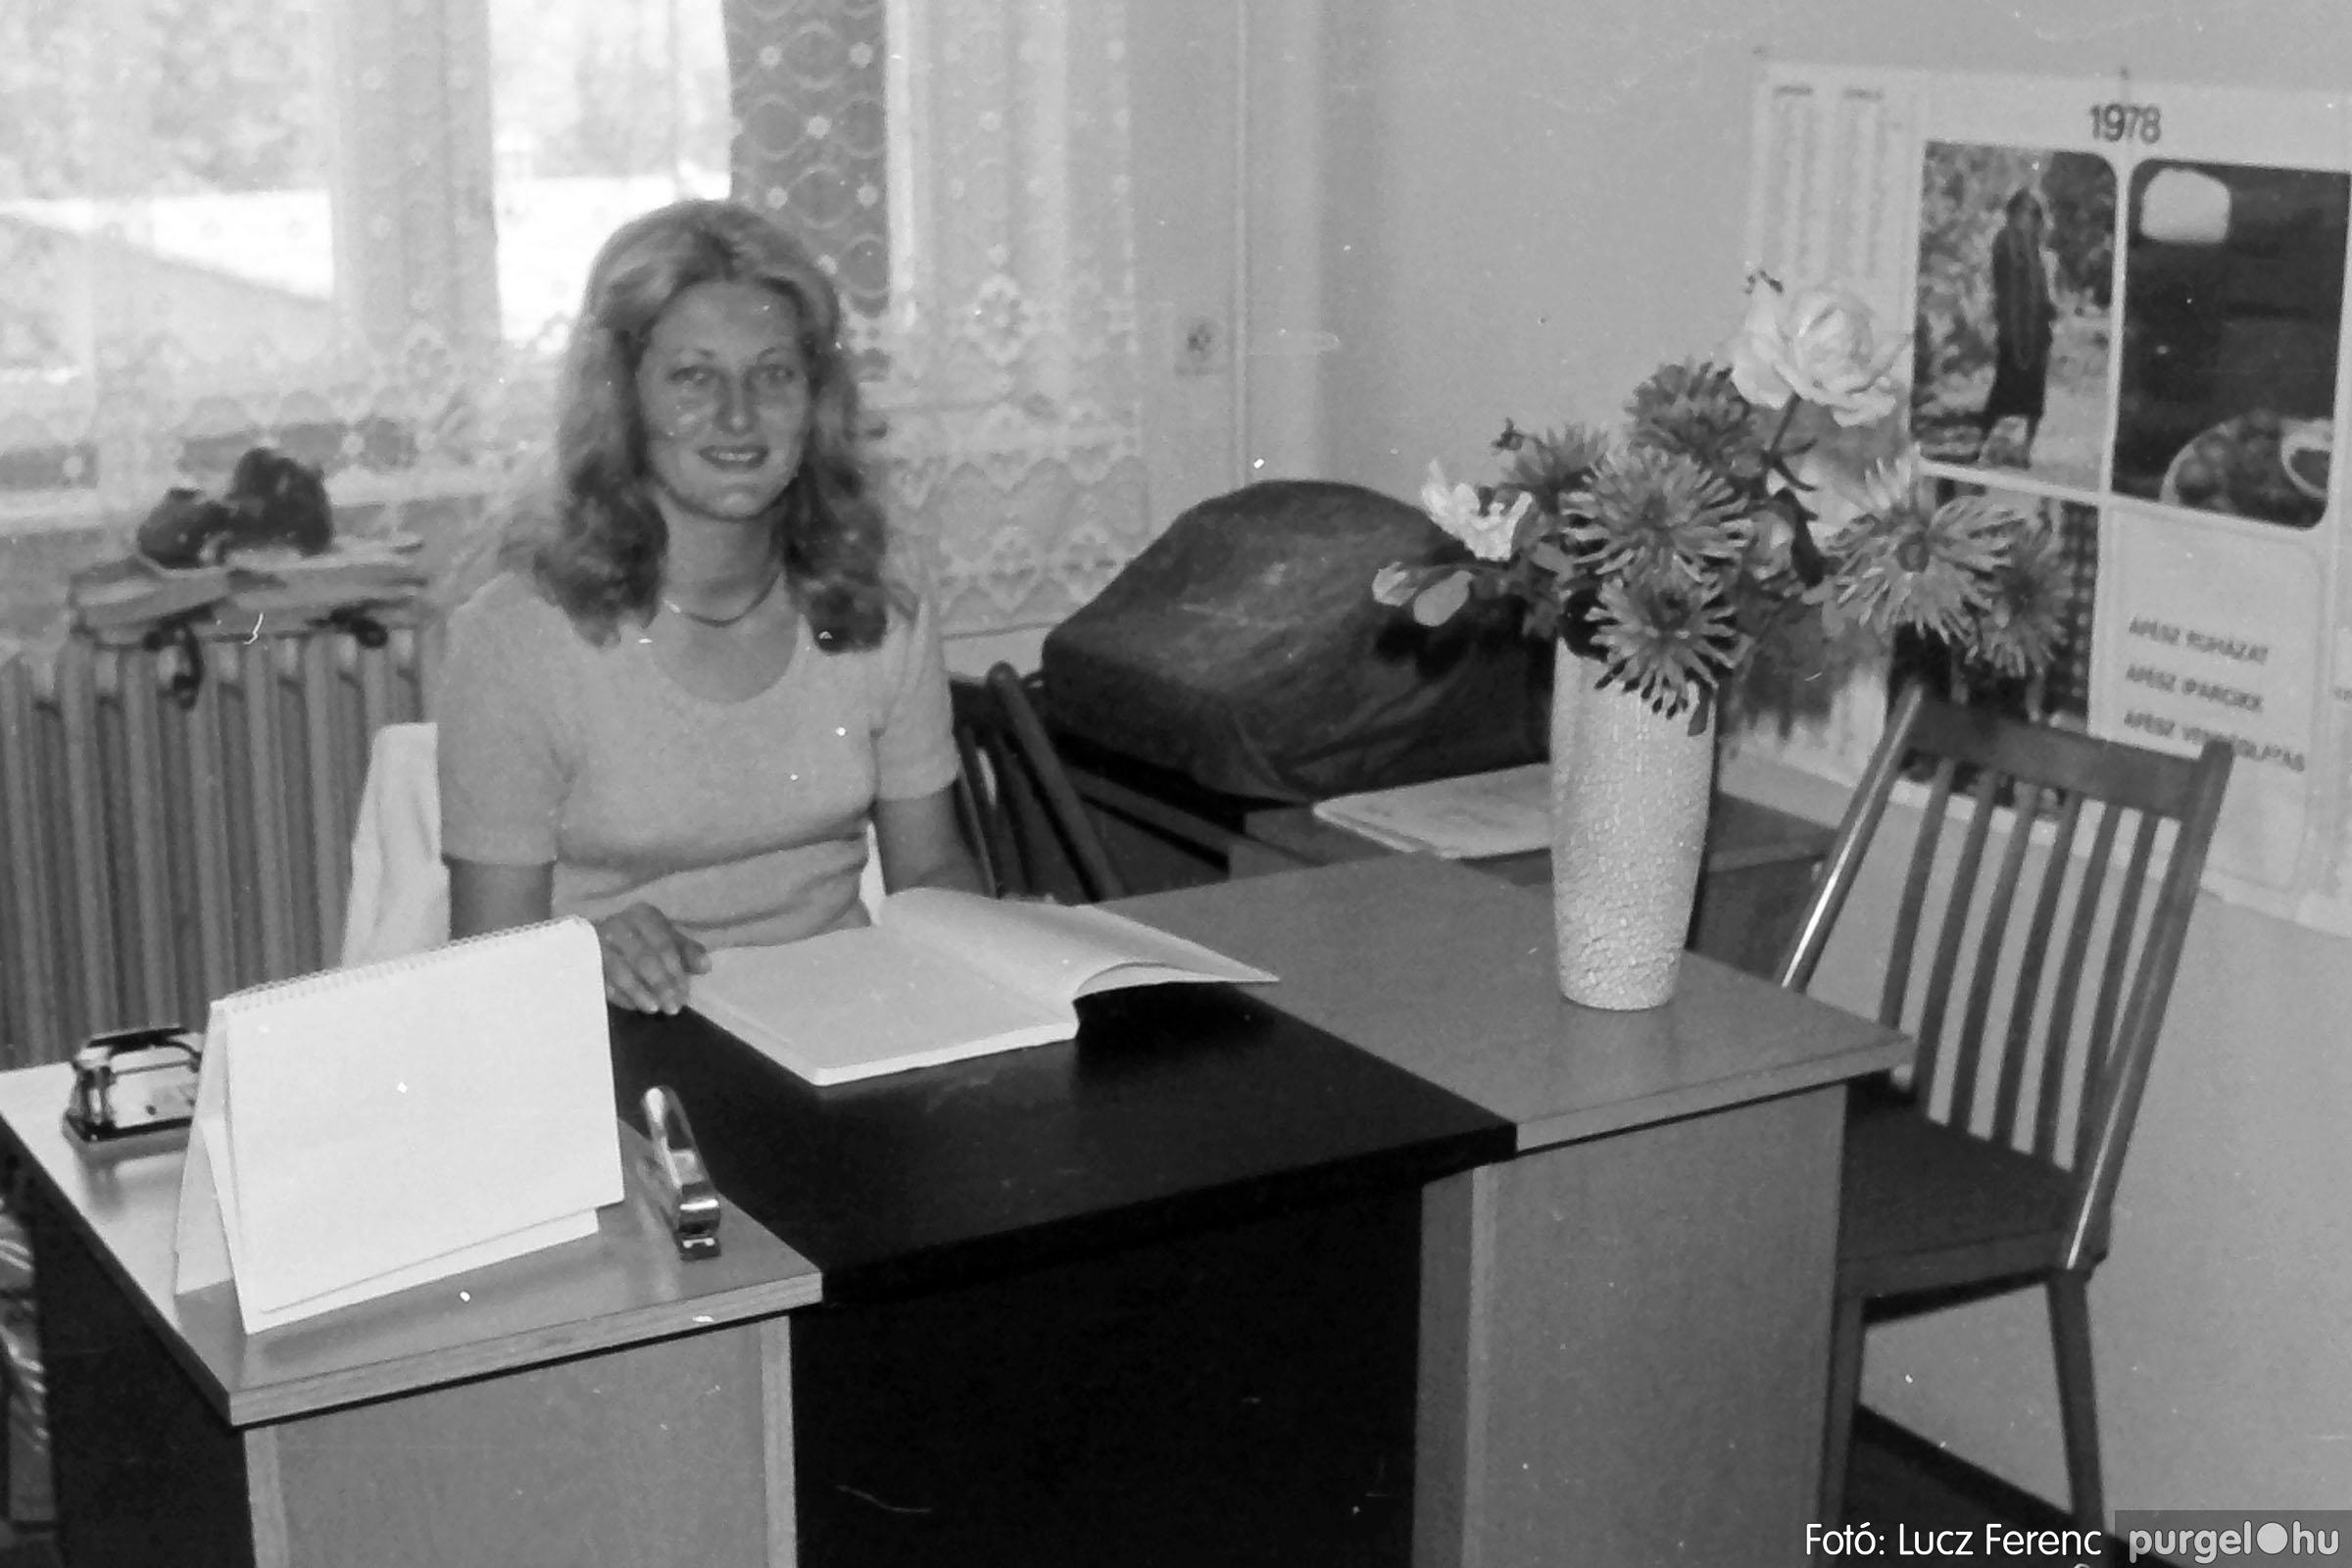 116. 1978. Fotók a tanácsházból 002. - Fotó: Lucz Ferenc.jpg